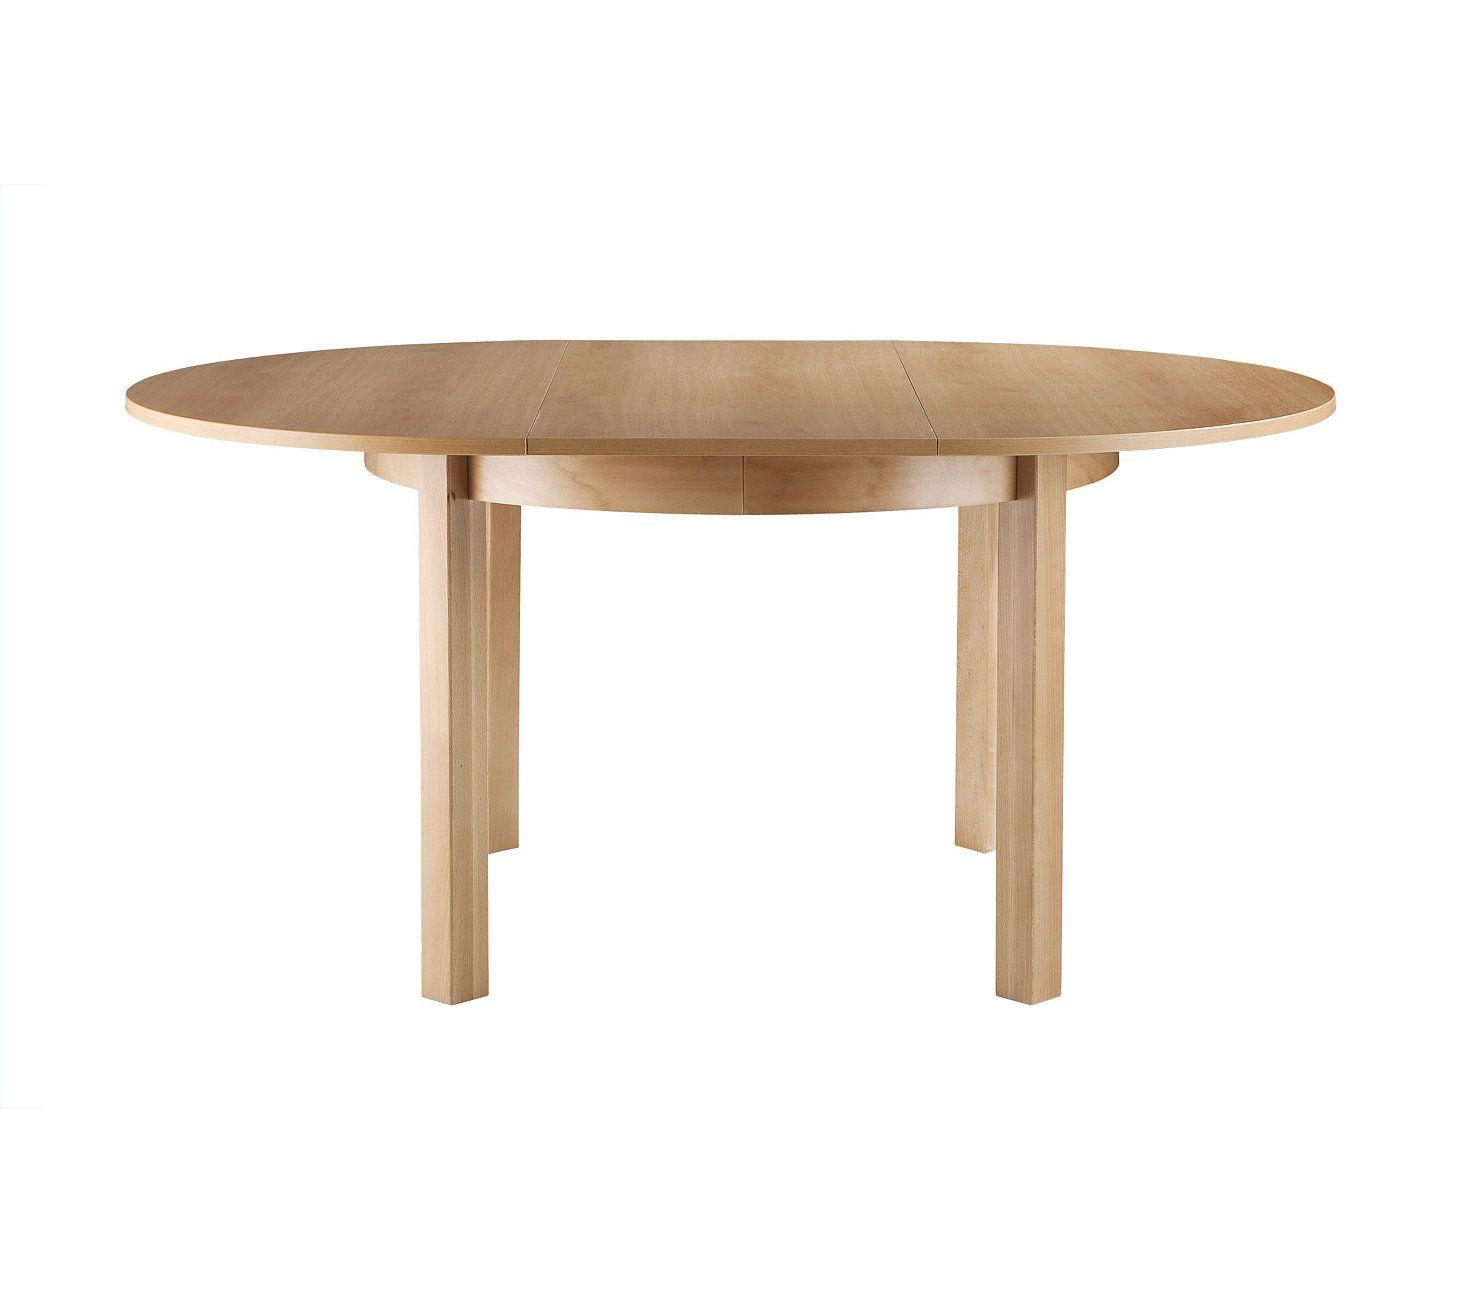 En Table Naturel Ruben 2019 115165 Ronde nONwmv80